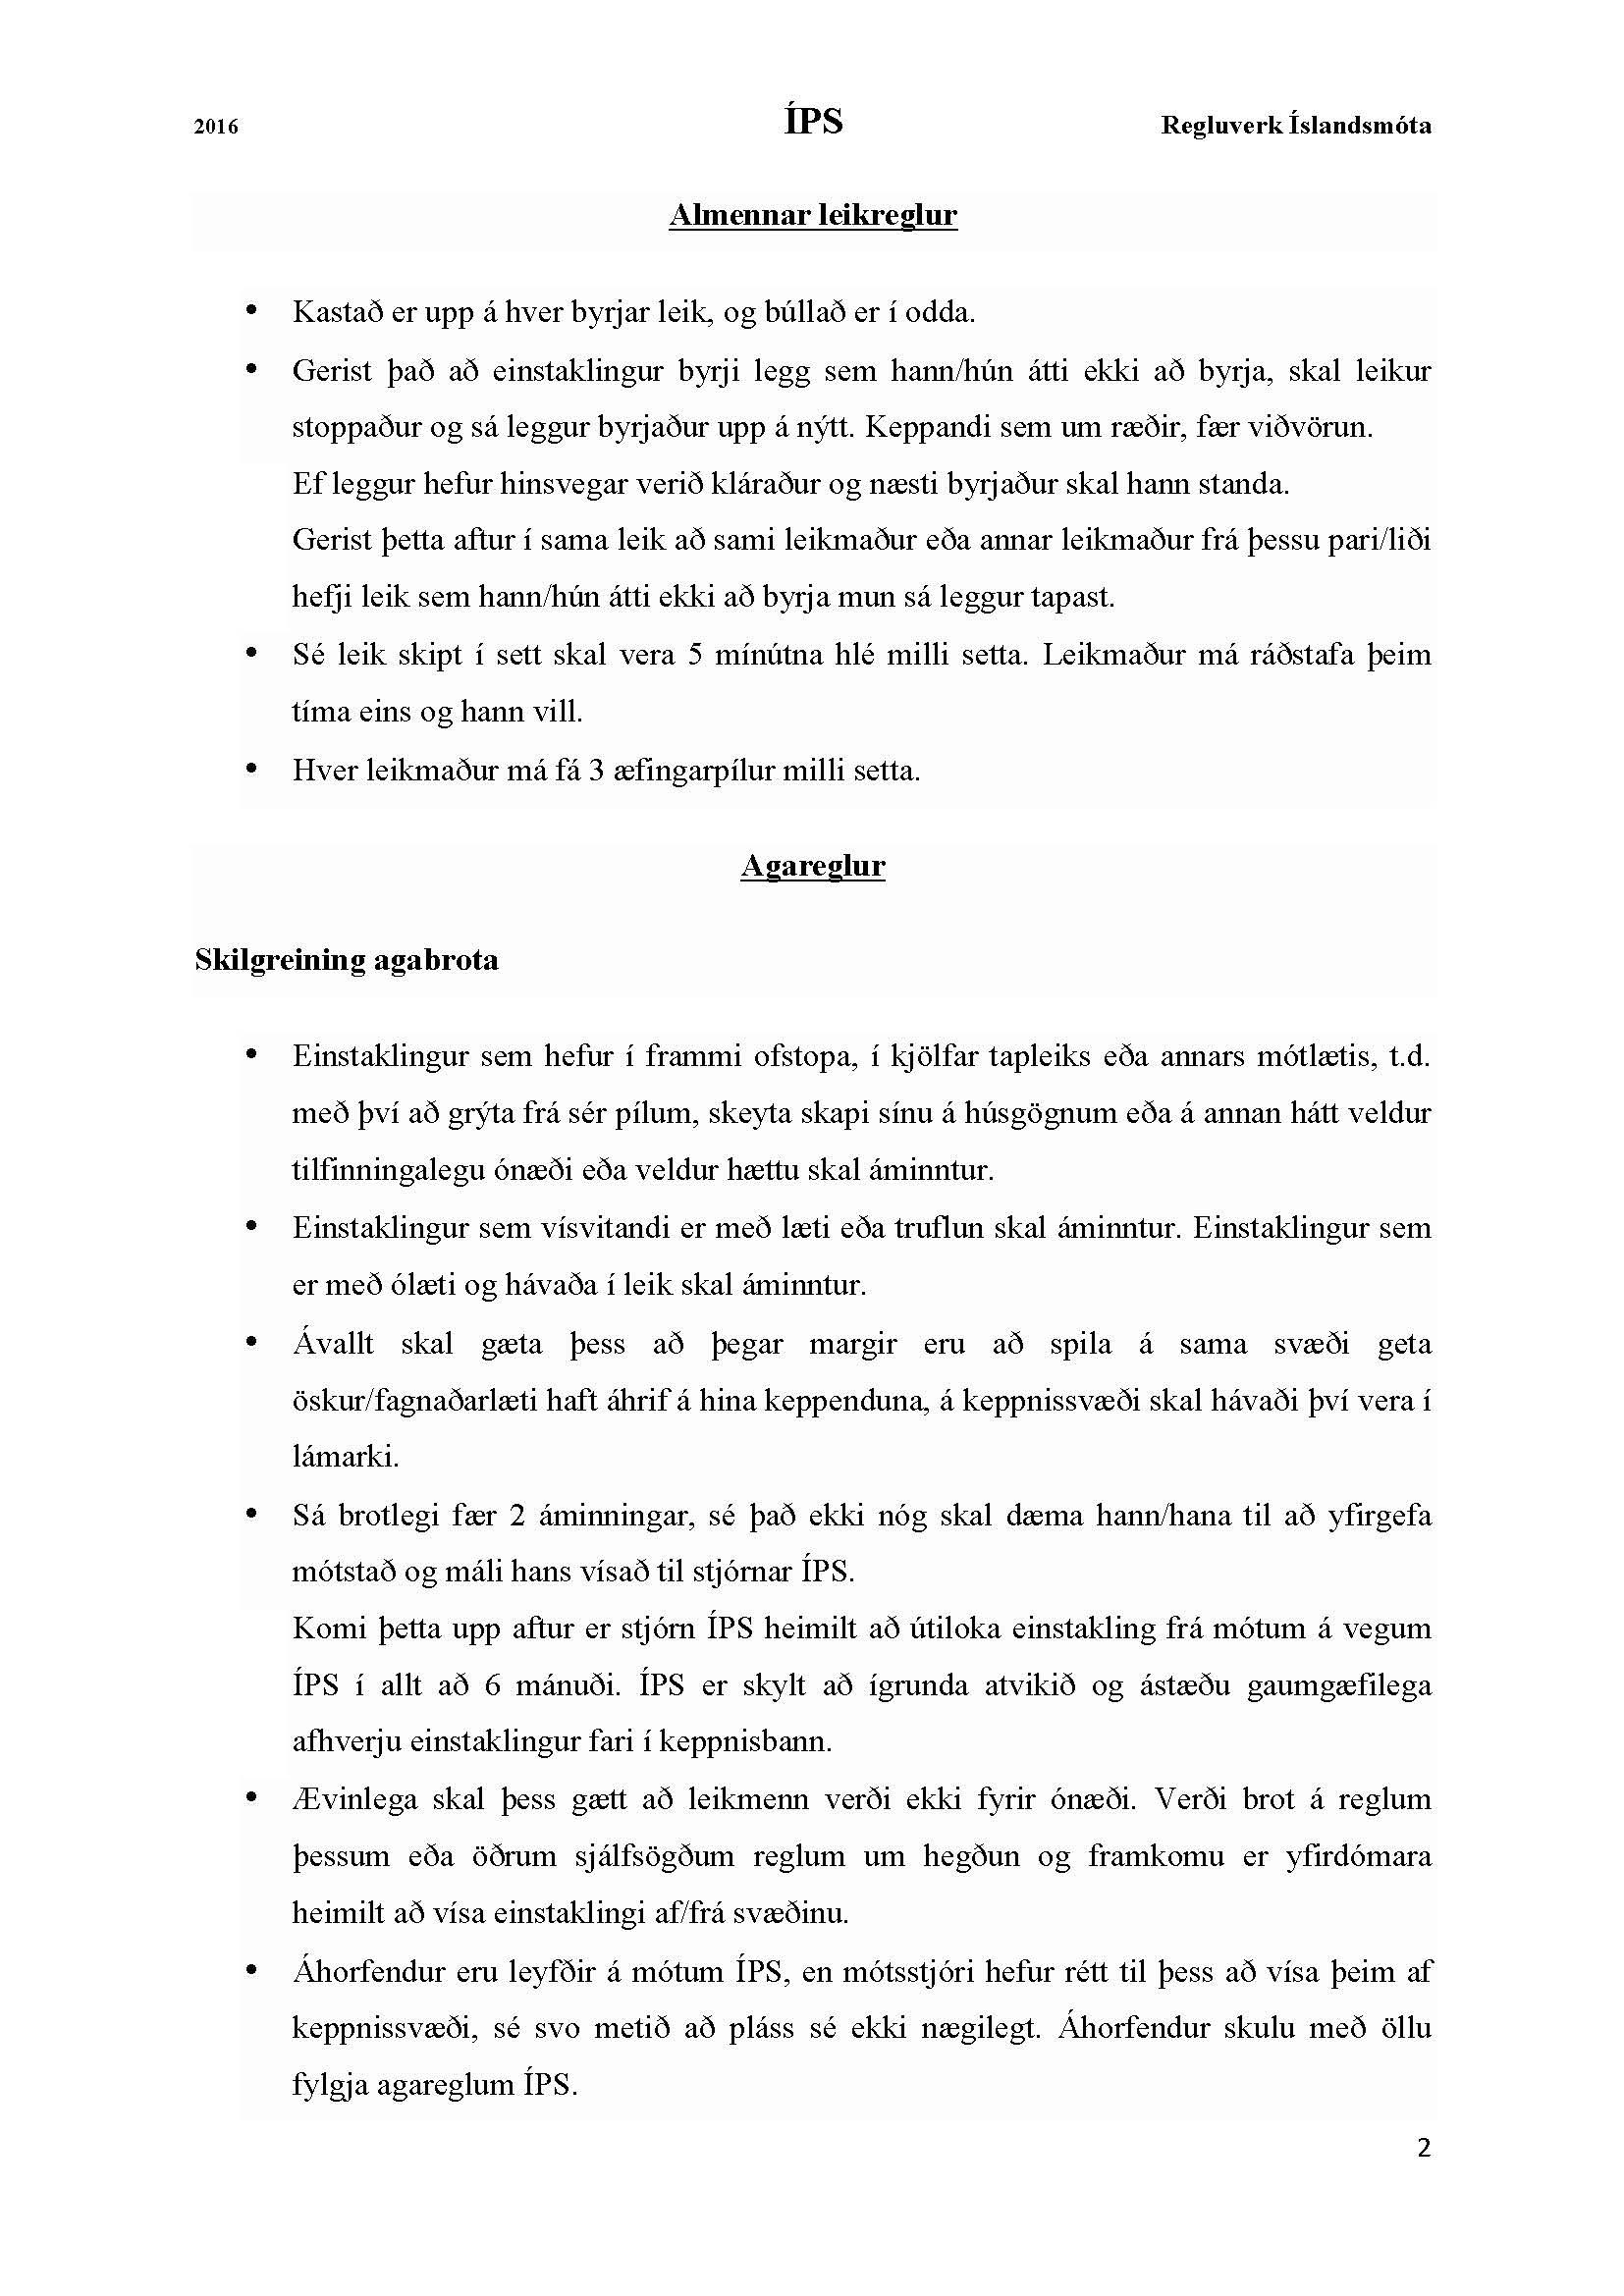 Regluverk Íslandsmóta_Page_2